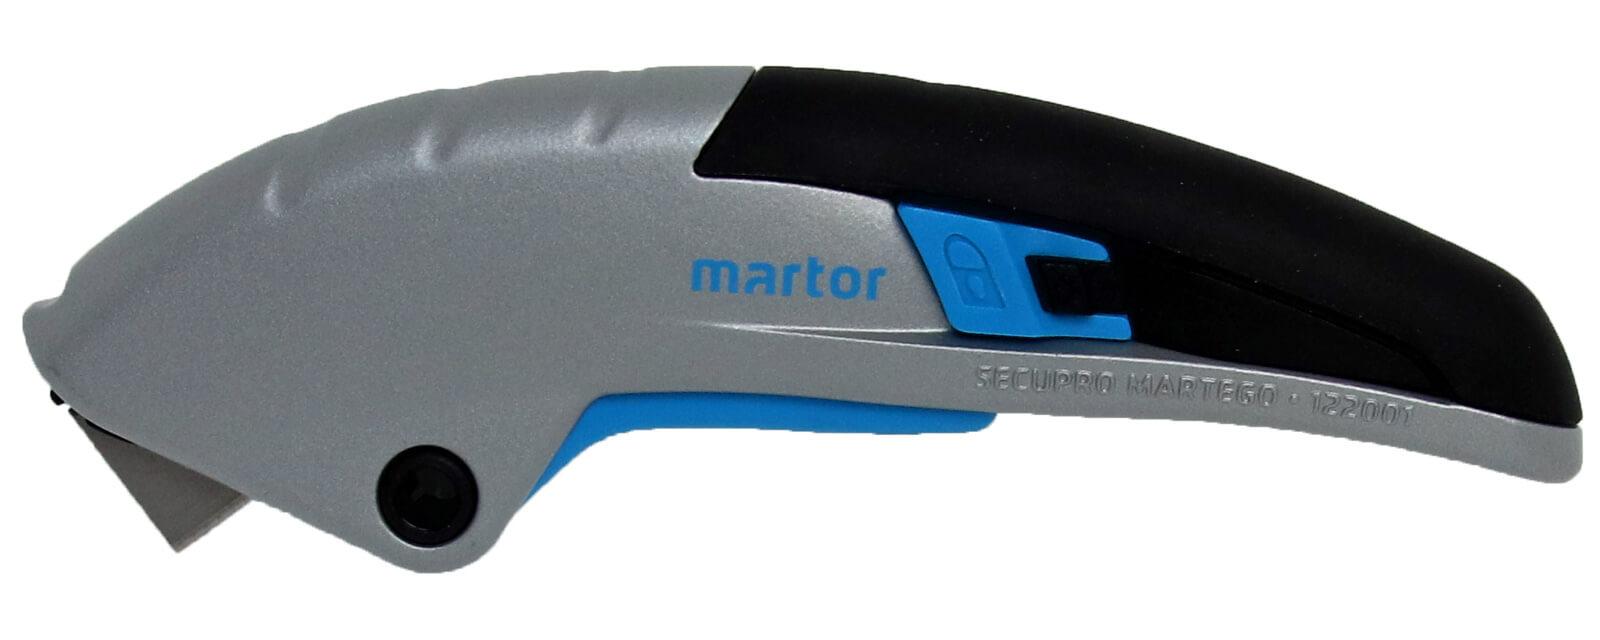 UM122001-martor-Sicherheitsmesser-Secupro-martego-122001-vollautomatischer-Klingenrückzug-CURT-tools_1600